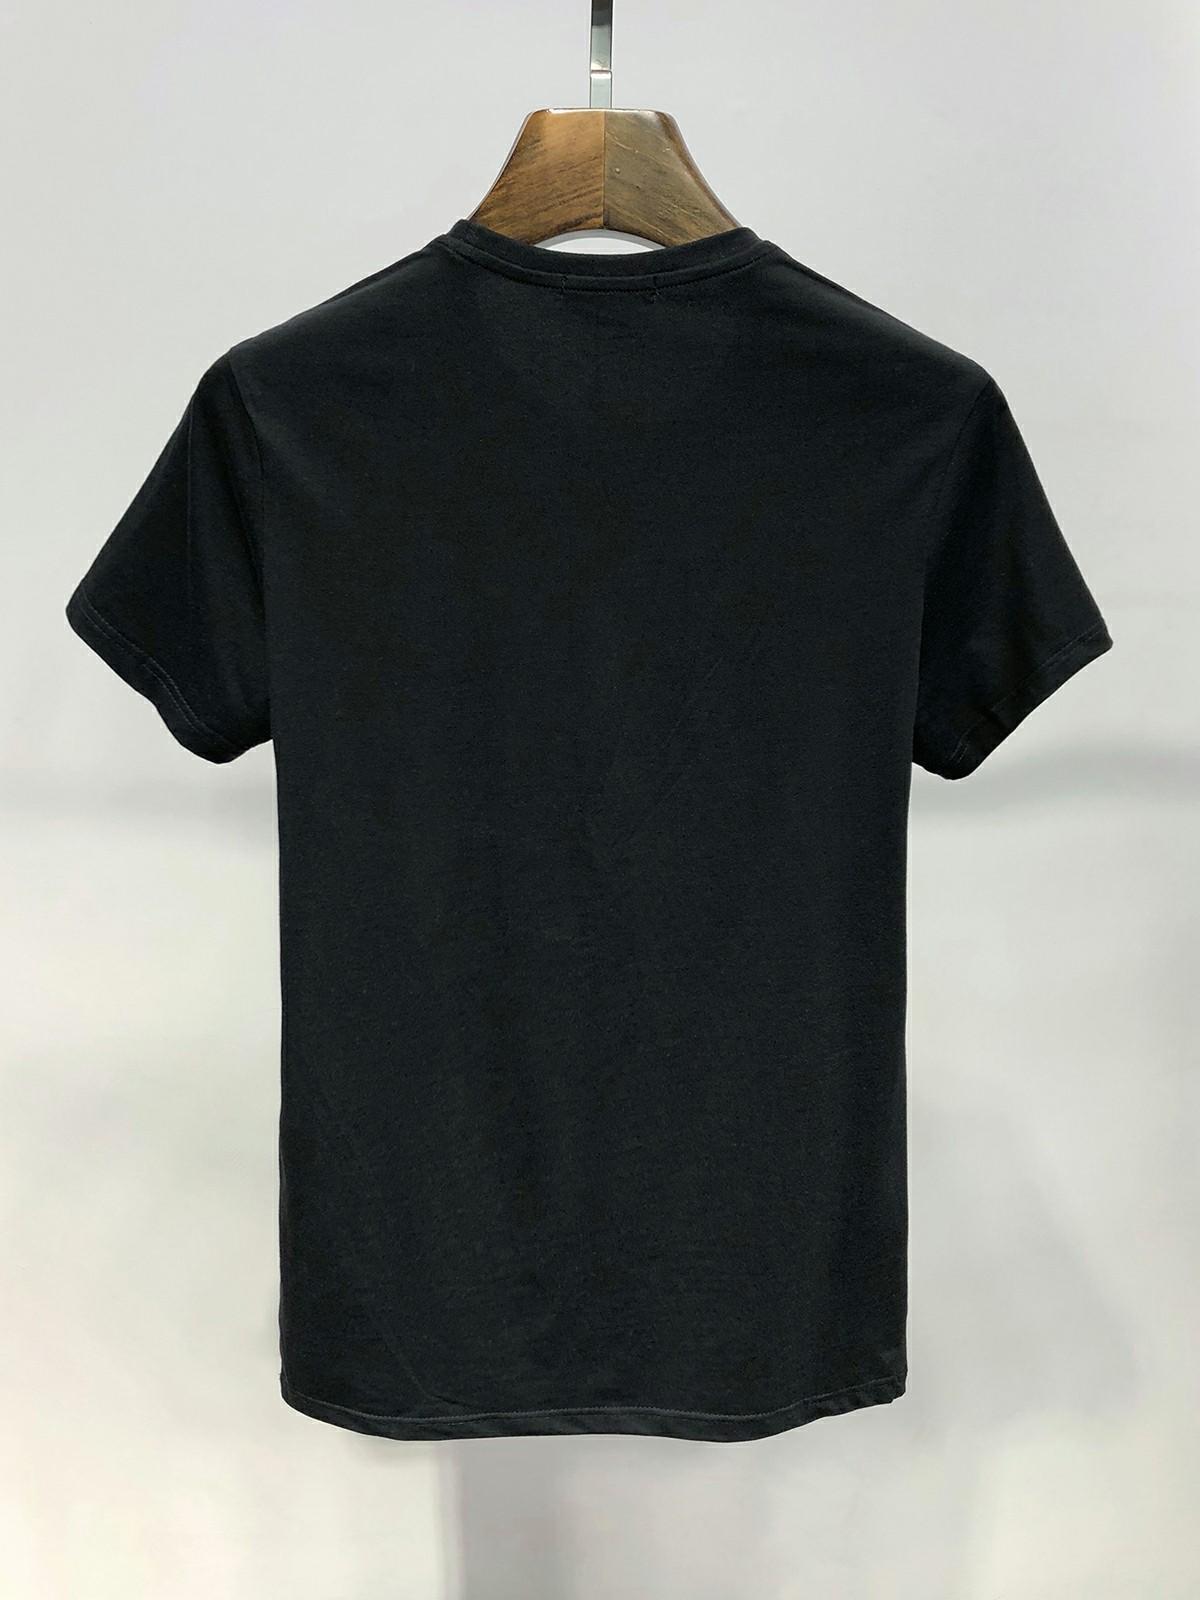 Neue Mens T-shirts Modemarke Hip Hop Mens Womens Kurzarm T-shirts Paar Sport Flut Kleidung T-shirt Harajuku Frauen Kleidung G-U6